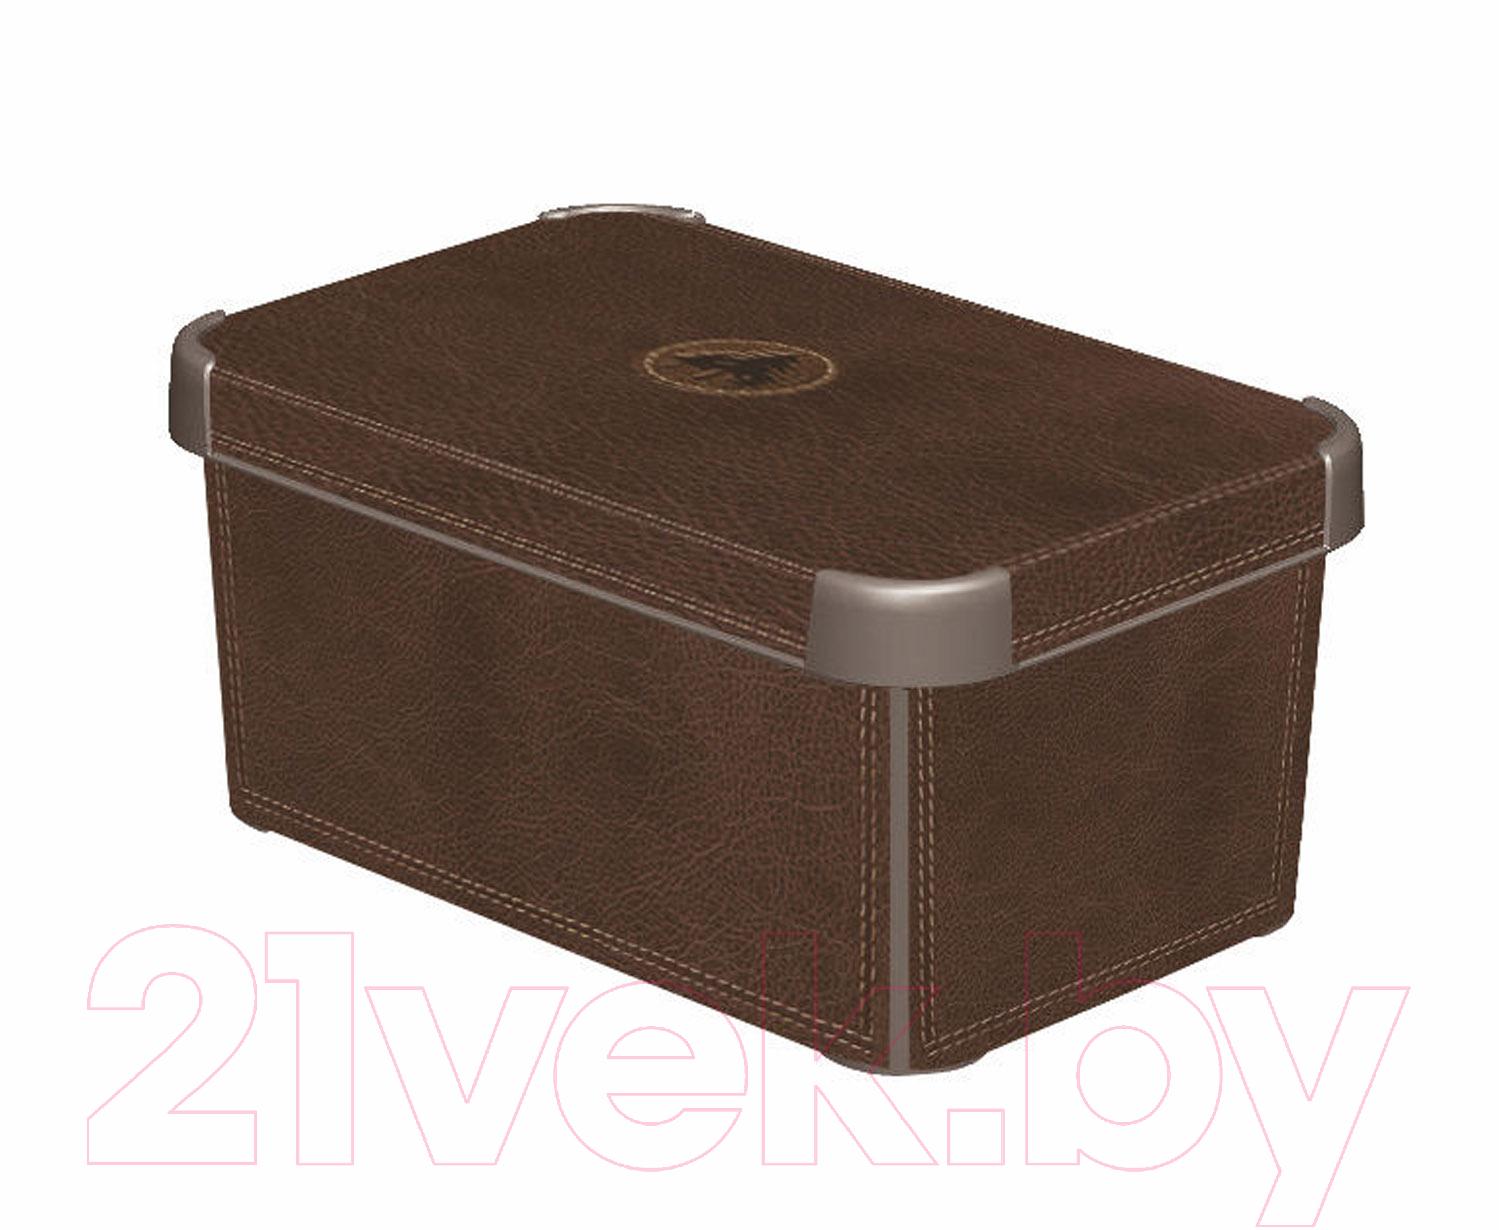 Купить Контейнер для хранения Curver, Deco Stockholm L 04711-D12-05 / 188164 (кожа), Польша, пластик